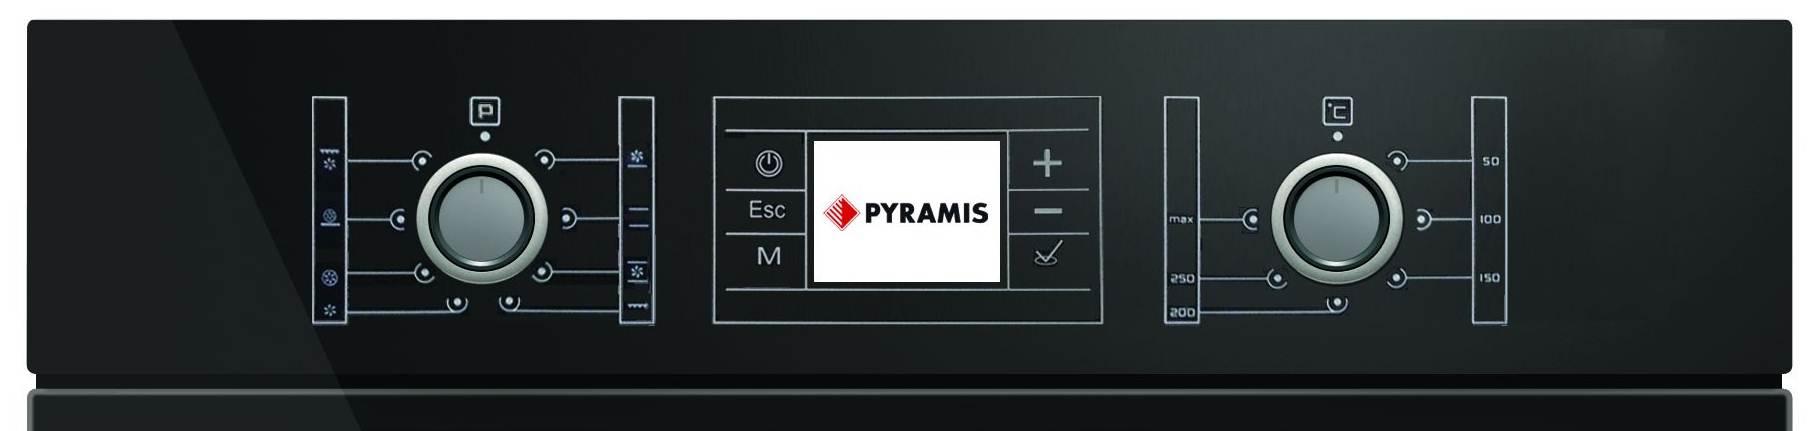 control-cuptor-electric-incorporabil-pyramis-60in-1012-grill-touch-lcd-clasa-a-sticla-neagra